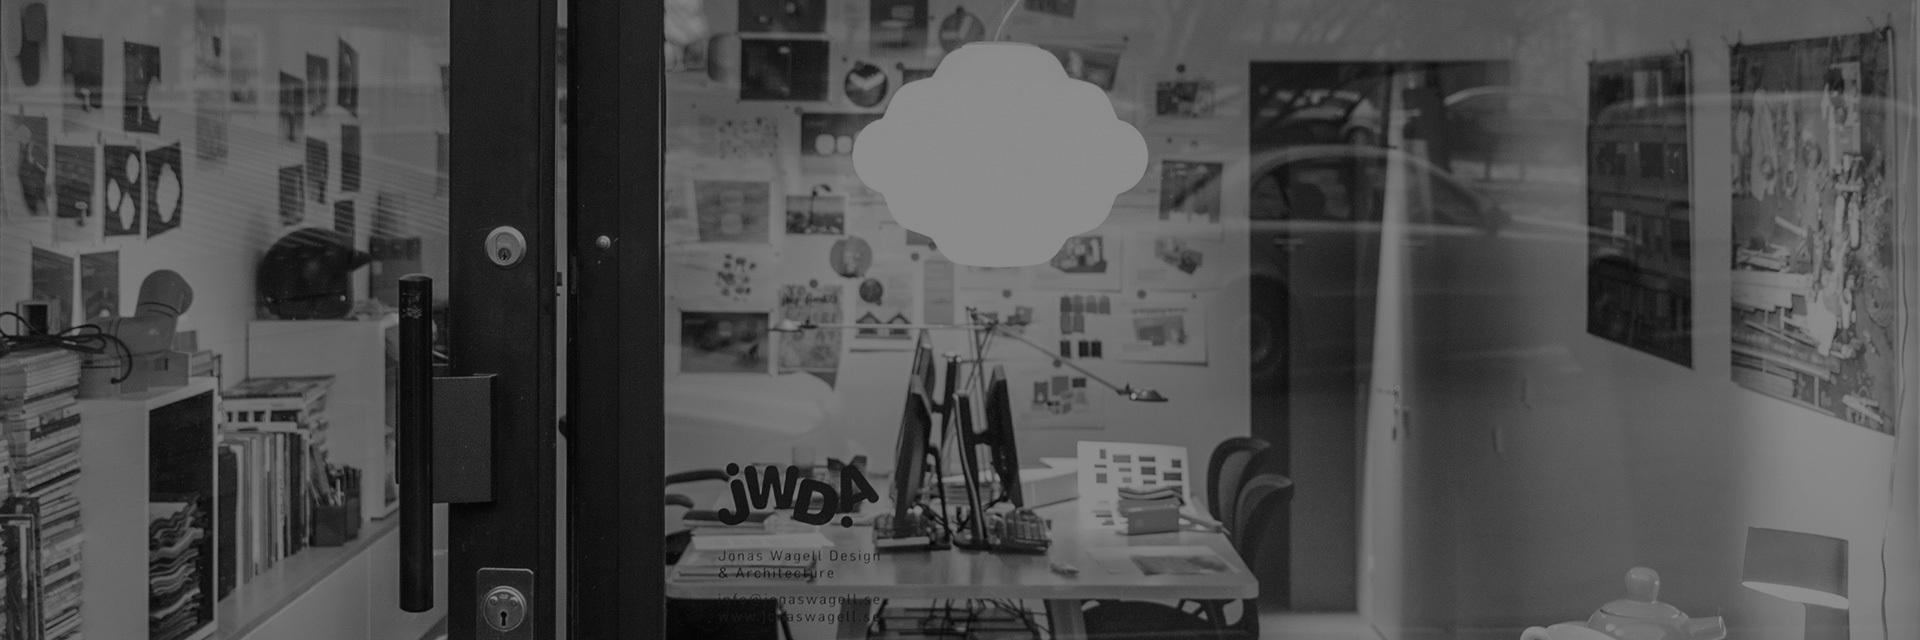 """2014年EDIDA国际设计大奖得主,Elle Decoration 瑞典设计奖得主;2014年 年度灯具设计奖""""Cloud""""设计者; 2008年WallPaper杂志全球50位热门年轻设计师得主。建筑师、设计师、造作首批签约设计师。"""